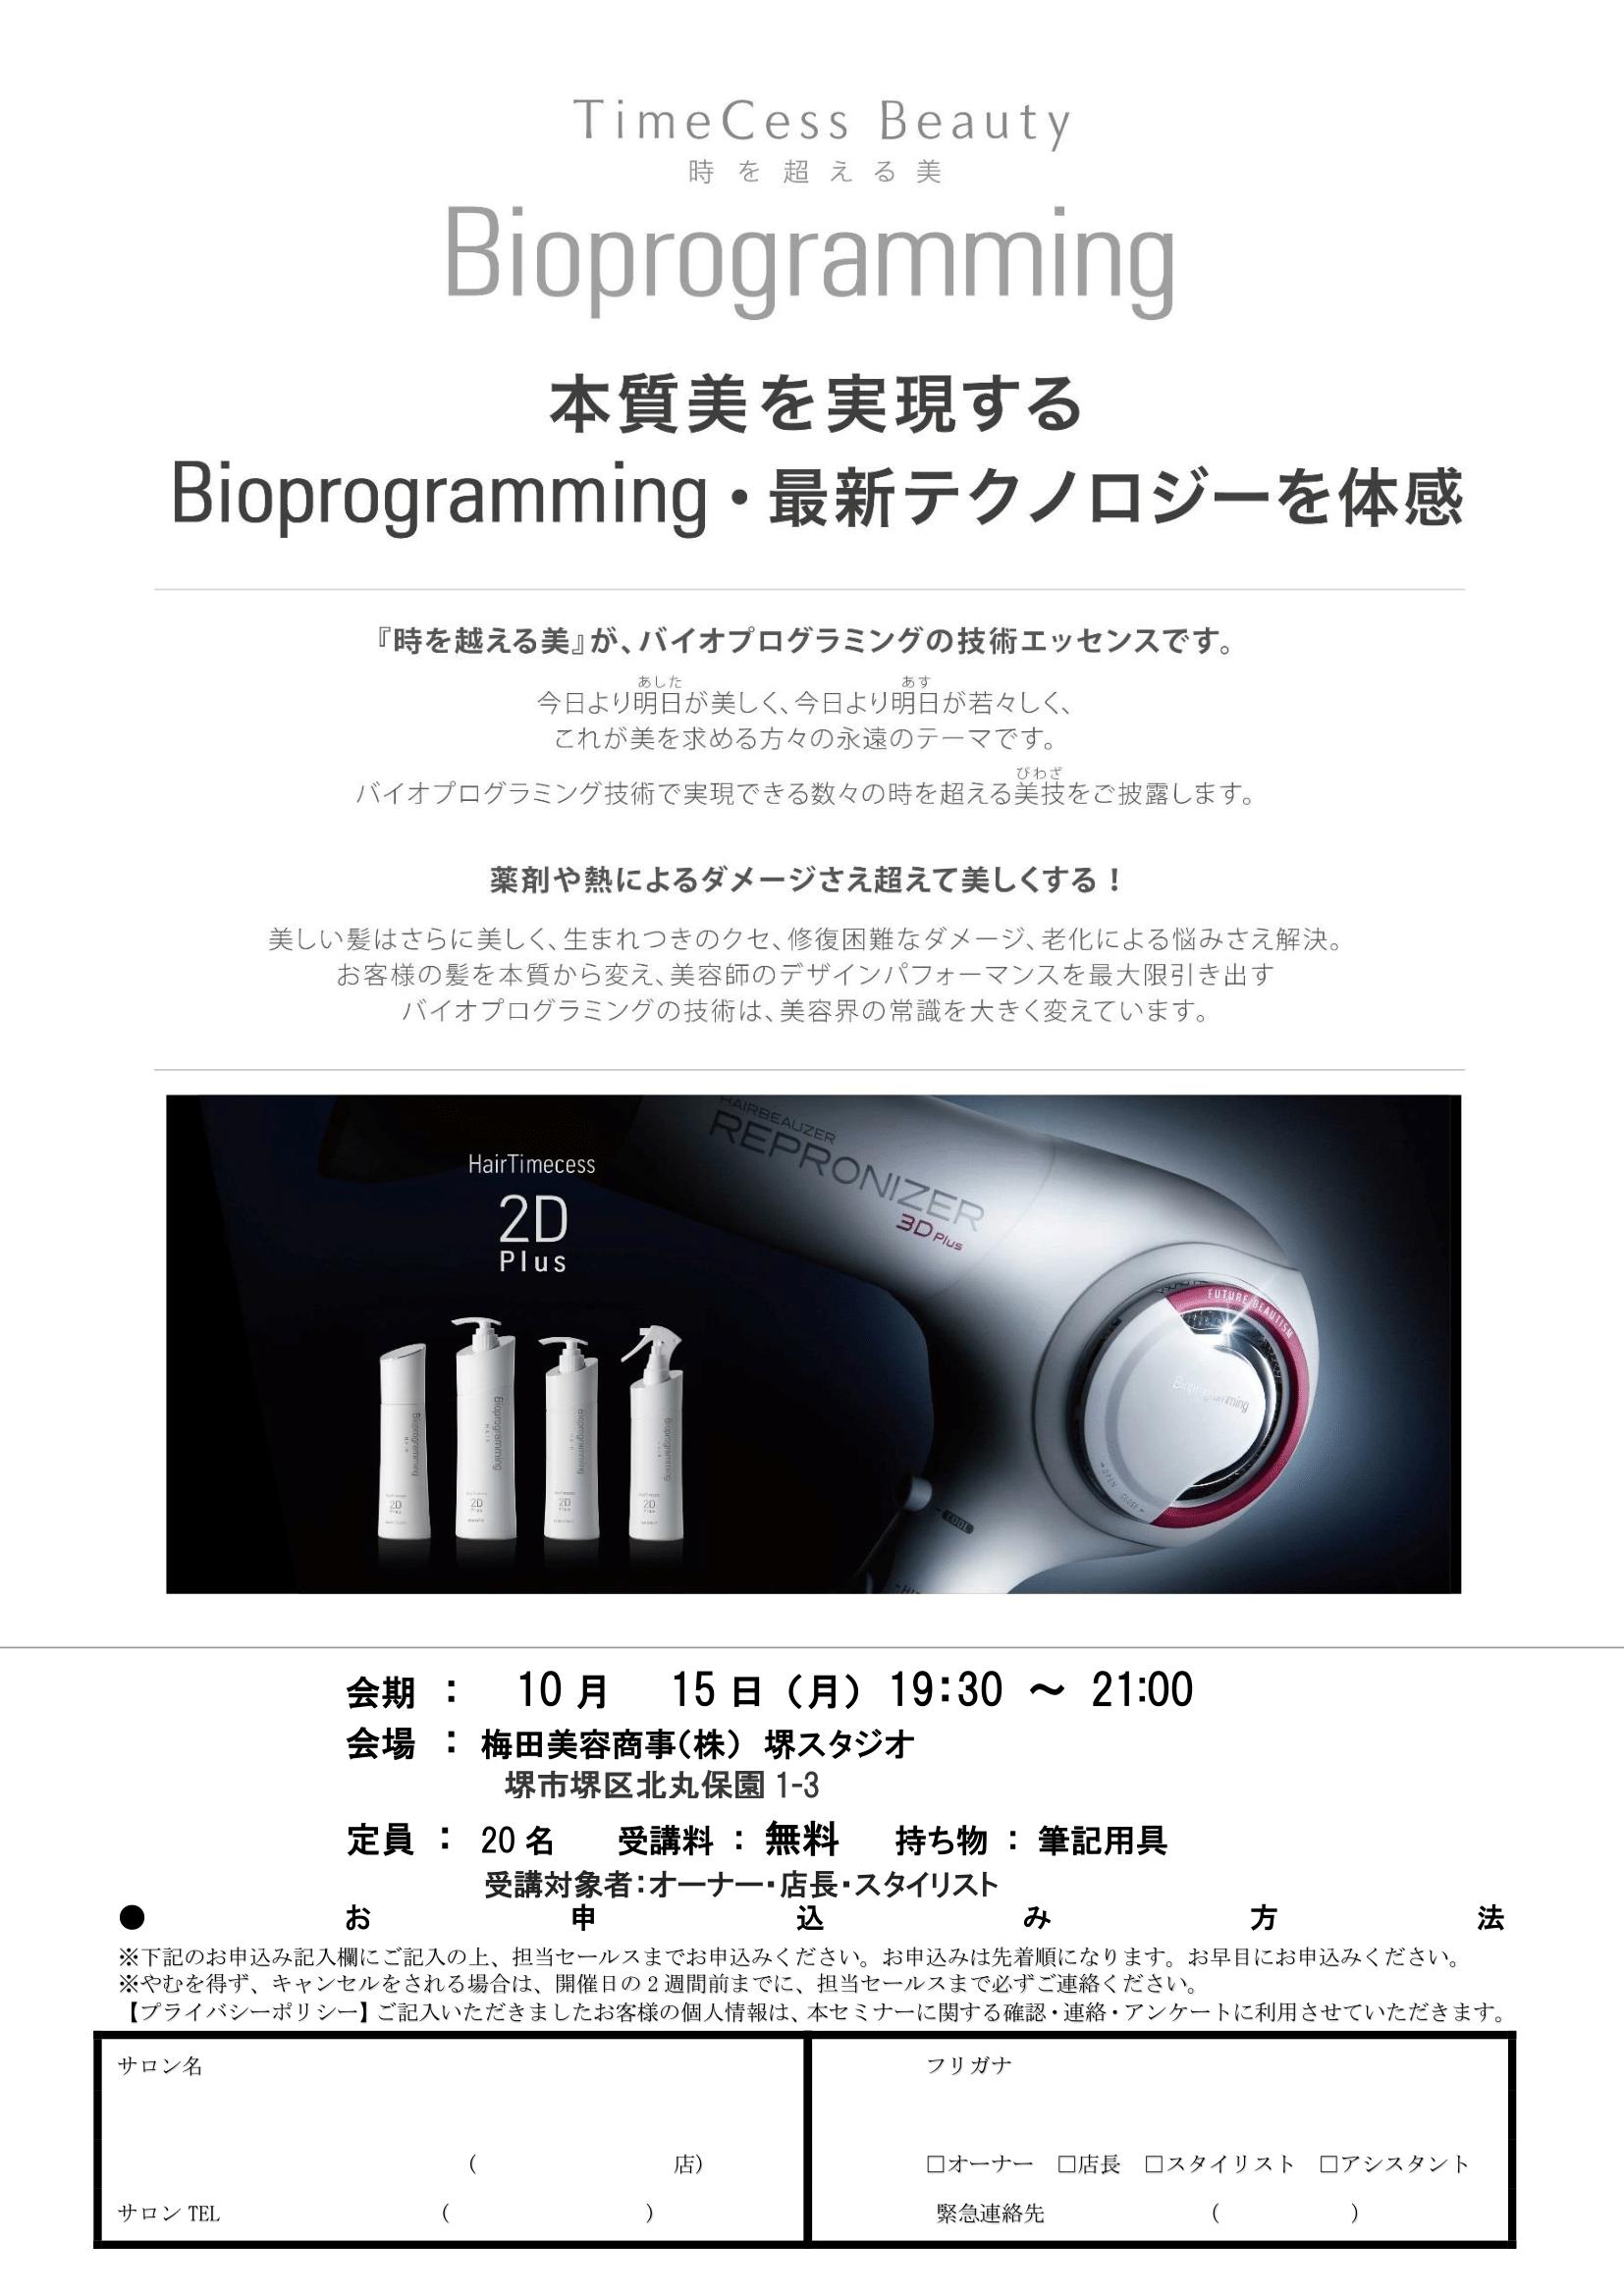 【堺】リュミエリーナ ヘアタイムセス3D